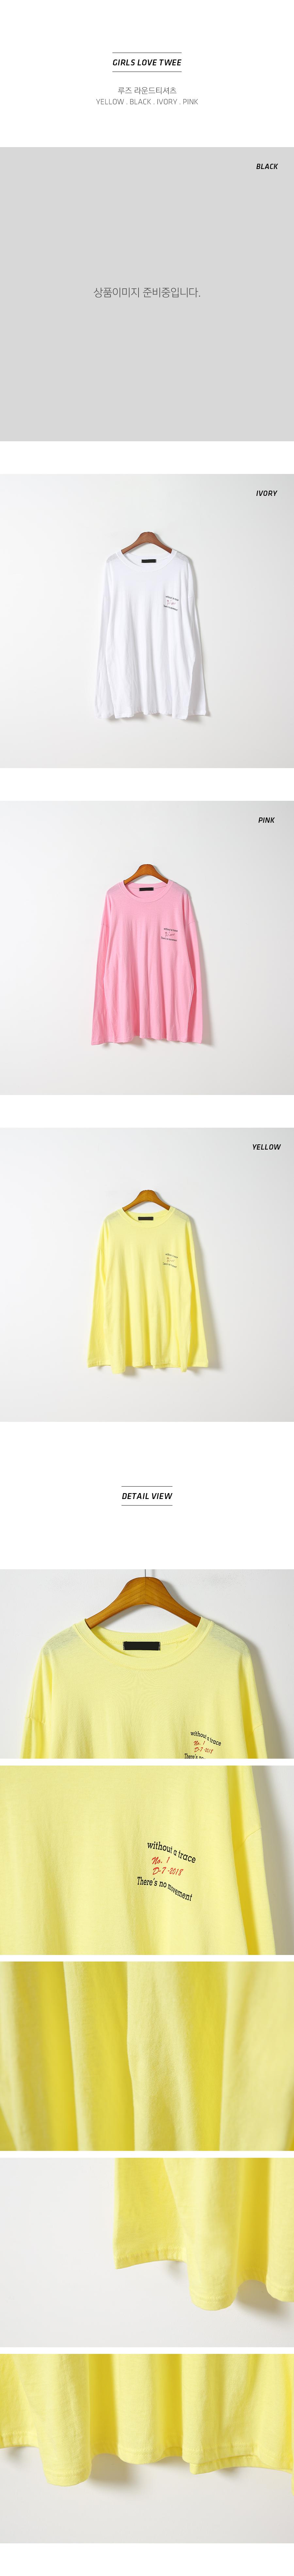 Loose Round T-shirt